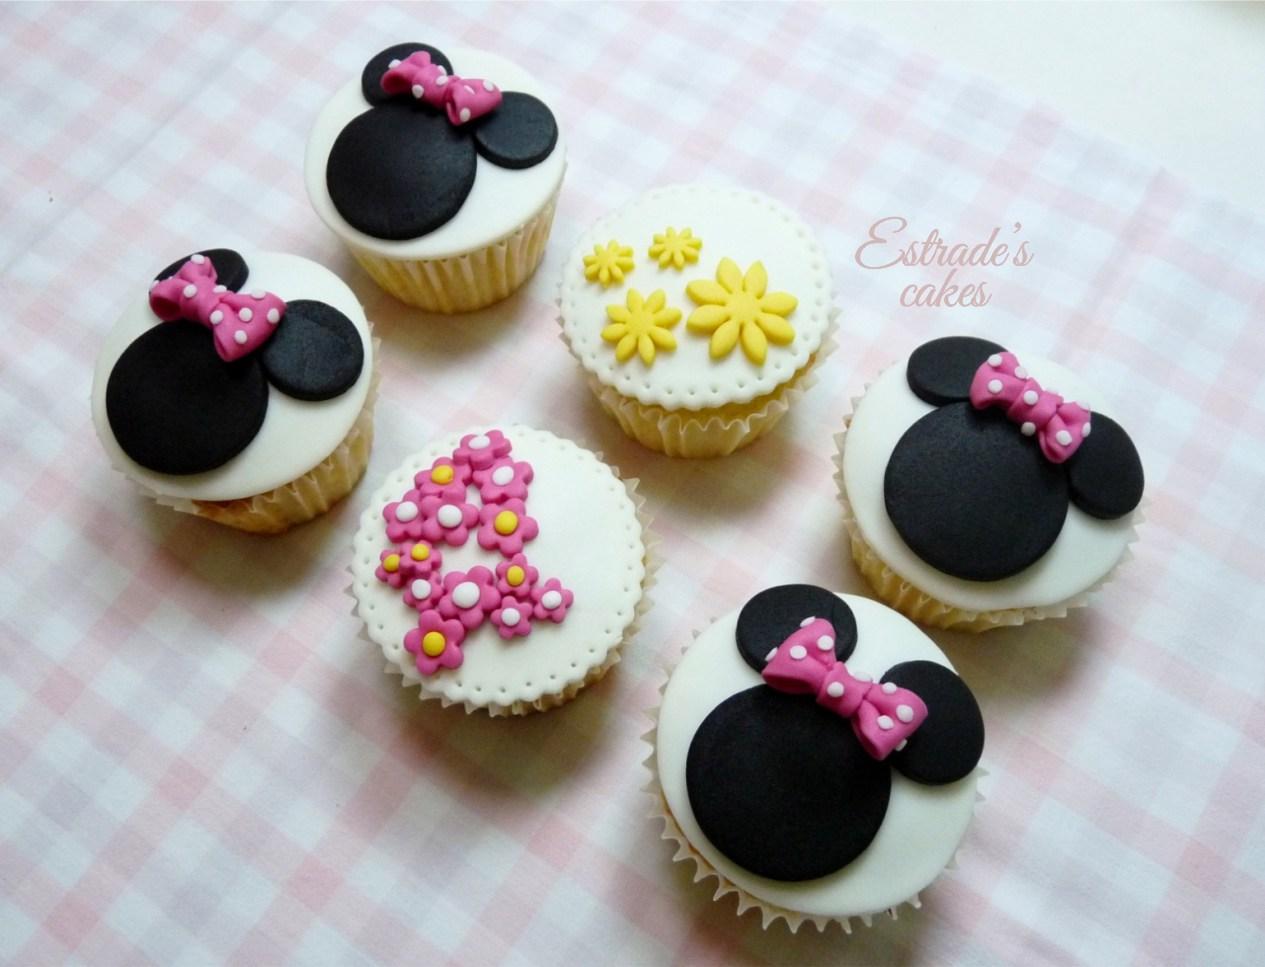 Estrade 39 s cakes cupcakes de minie mouse for Decoracion en cupcakes